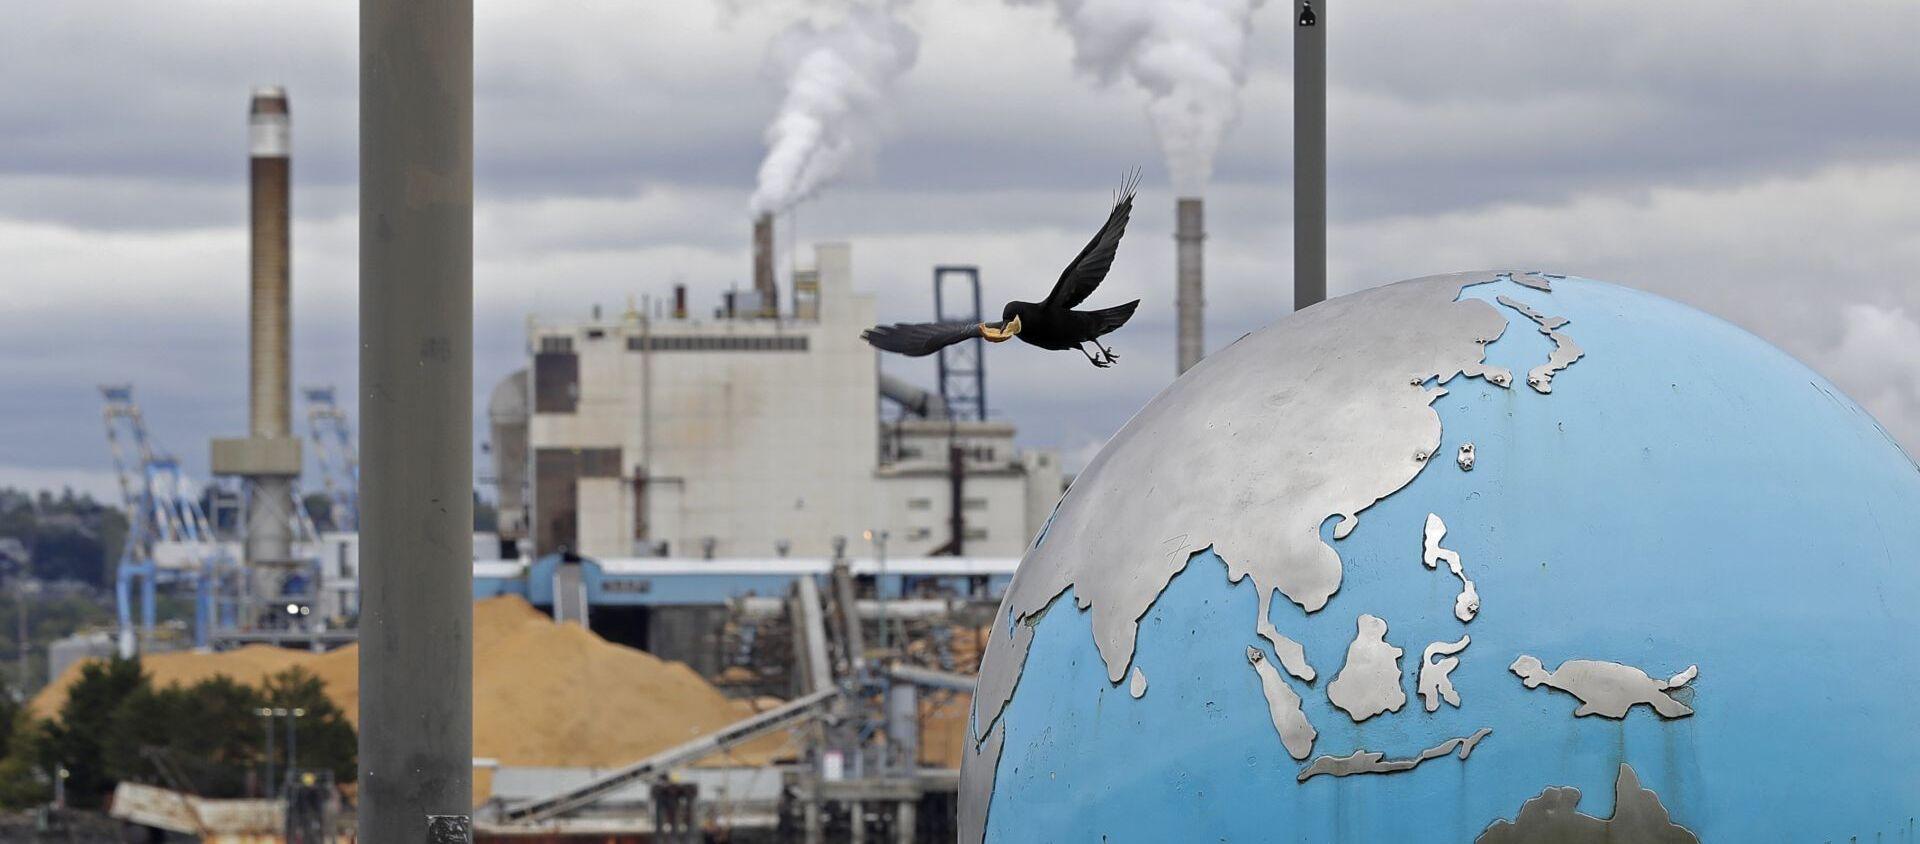 Птица взлетает со скульптуры земного шара в на фоне бумажной фабрики WestRock, фото из архива - Sputnik Азербайджан, 1920, 07.04.2021